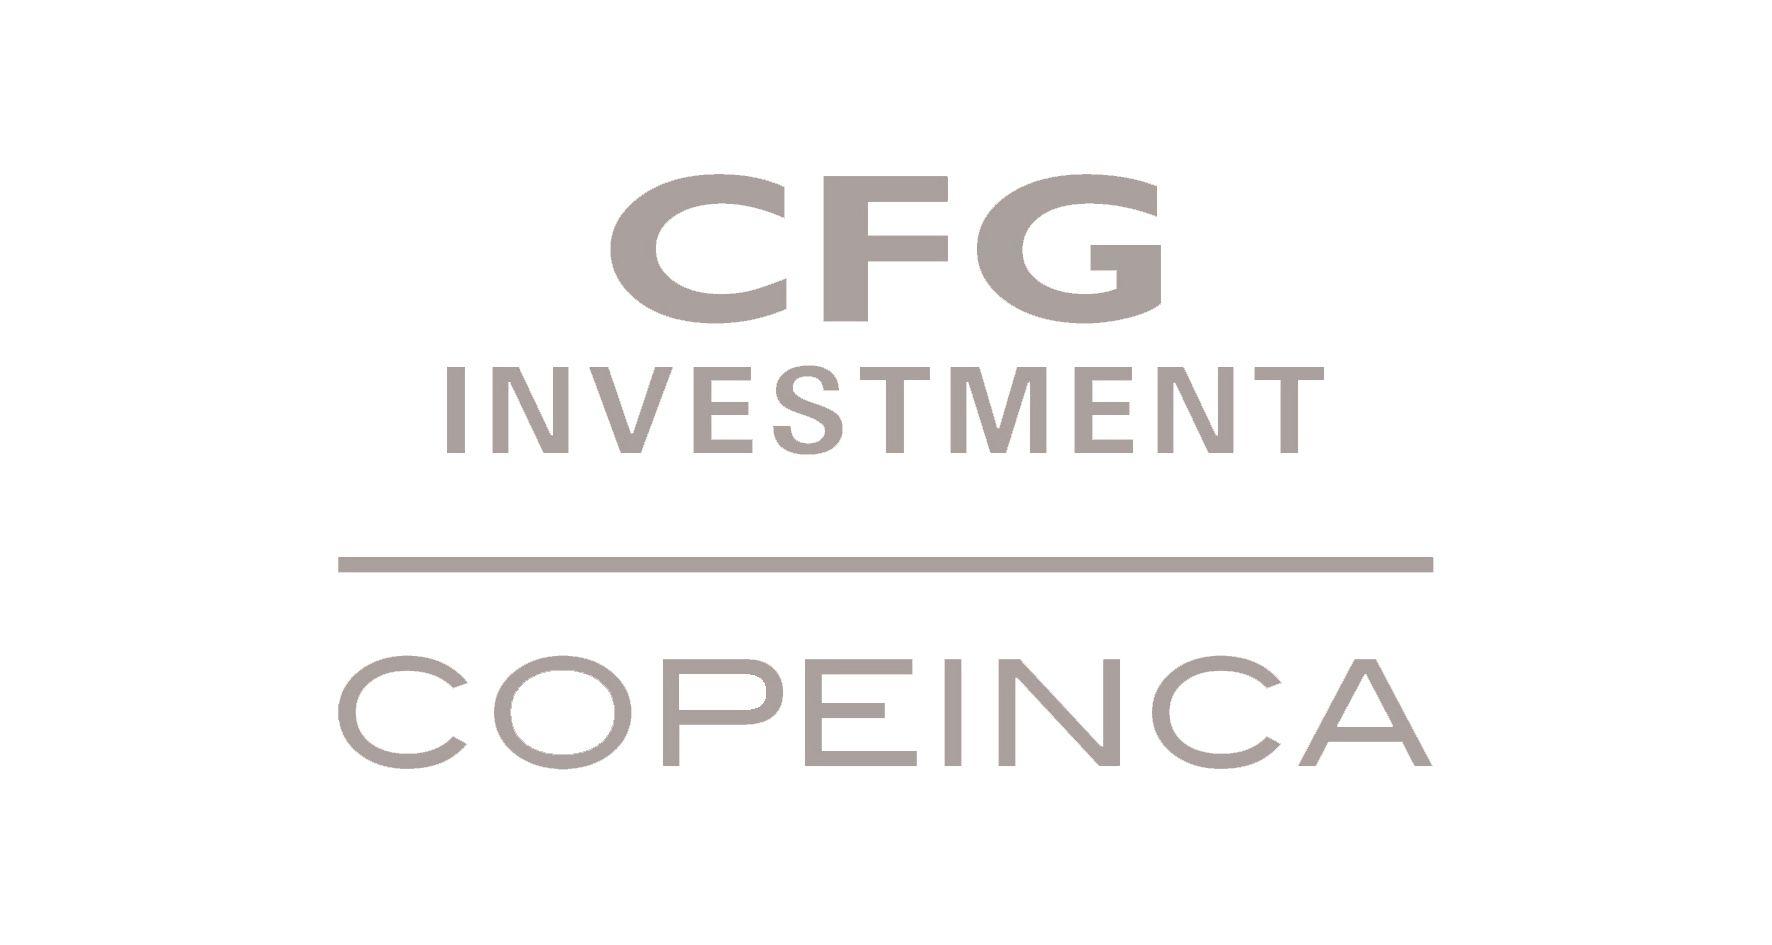 CFG-COPEINCA-Partner-Humanos-en-la-Oficina-Lima.jpg